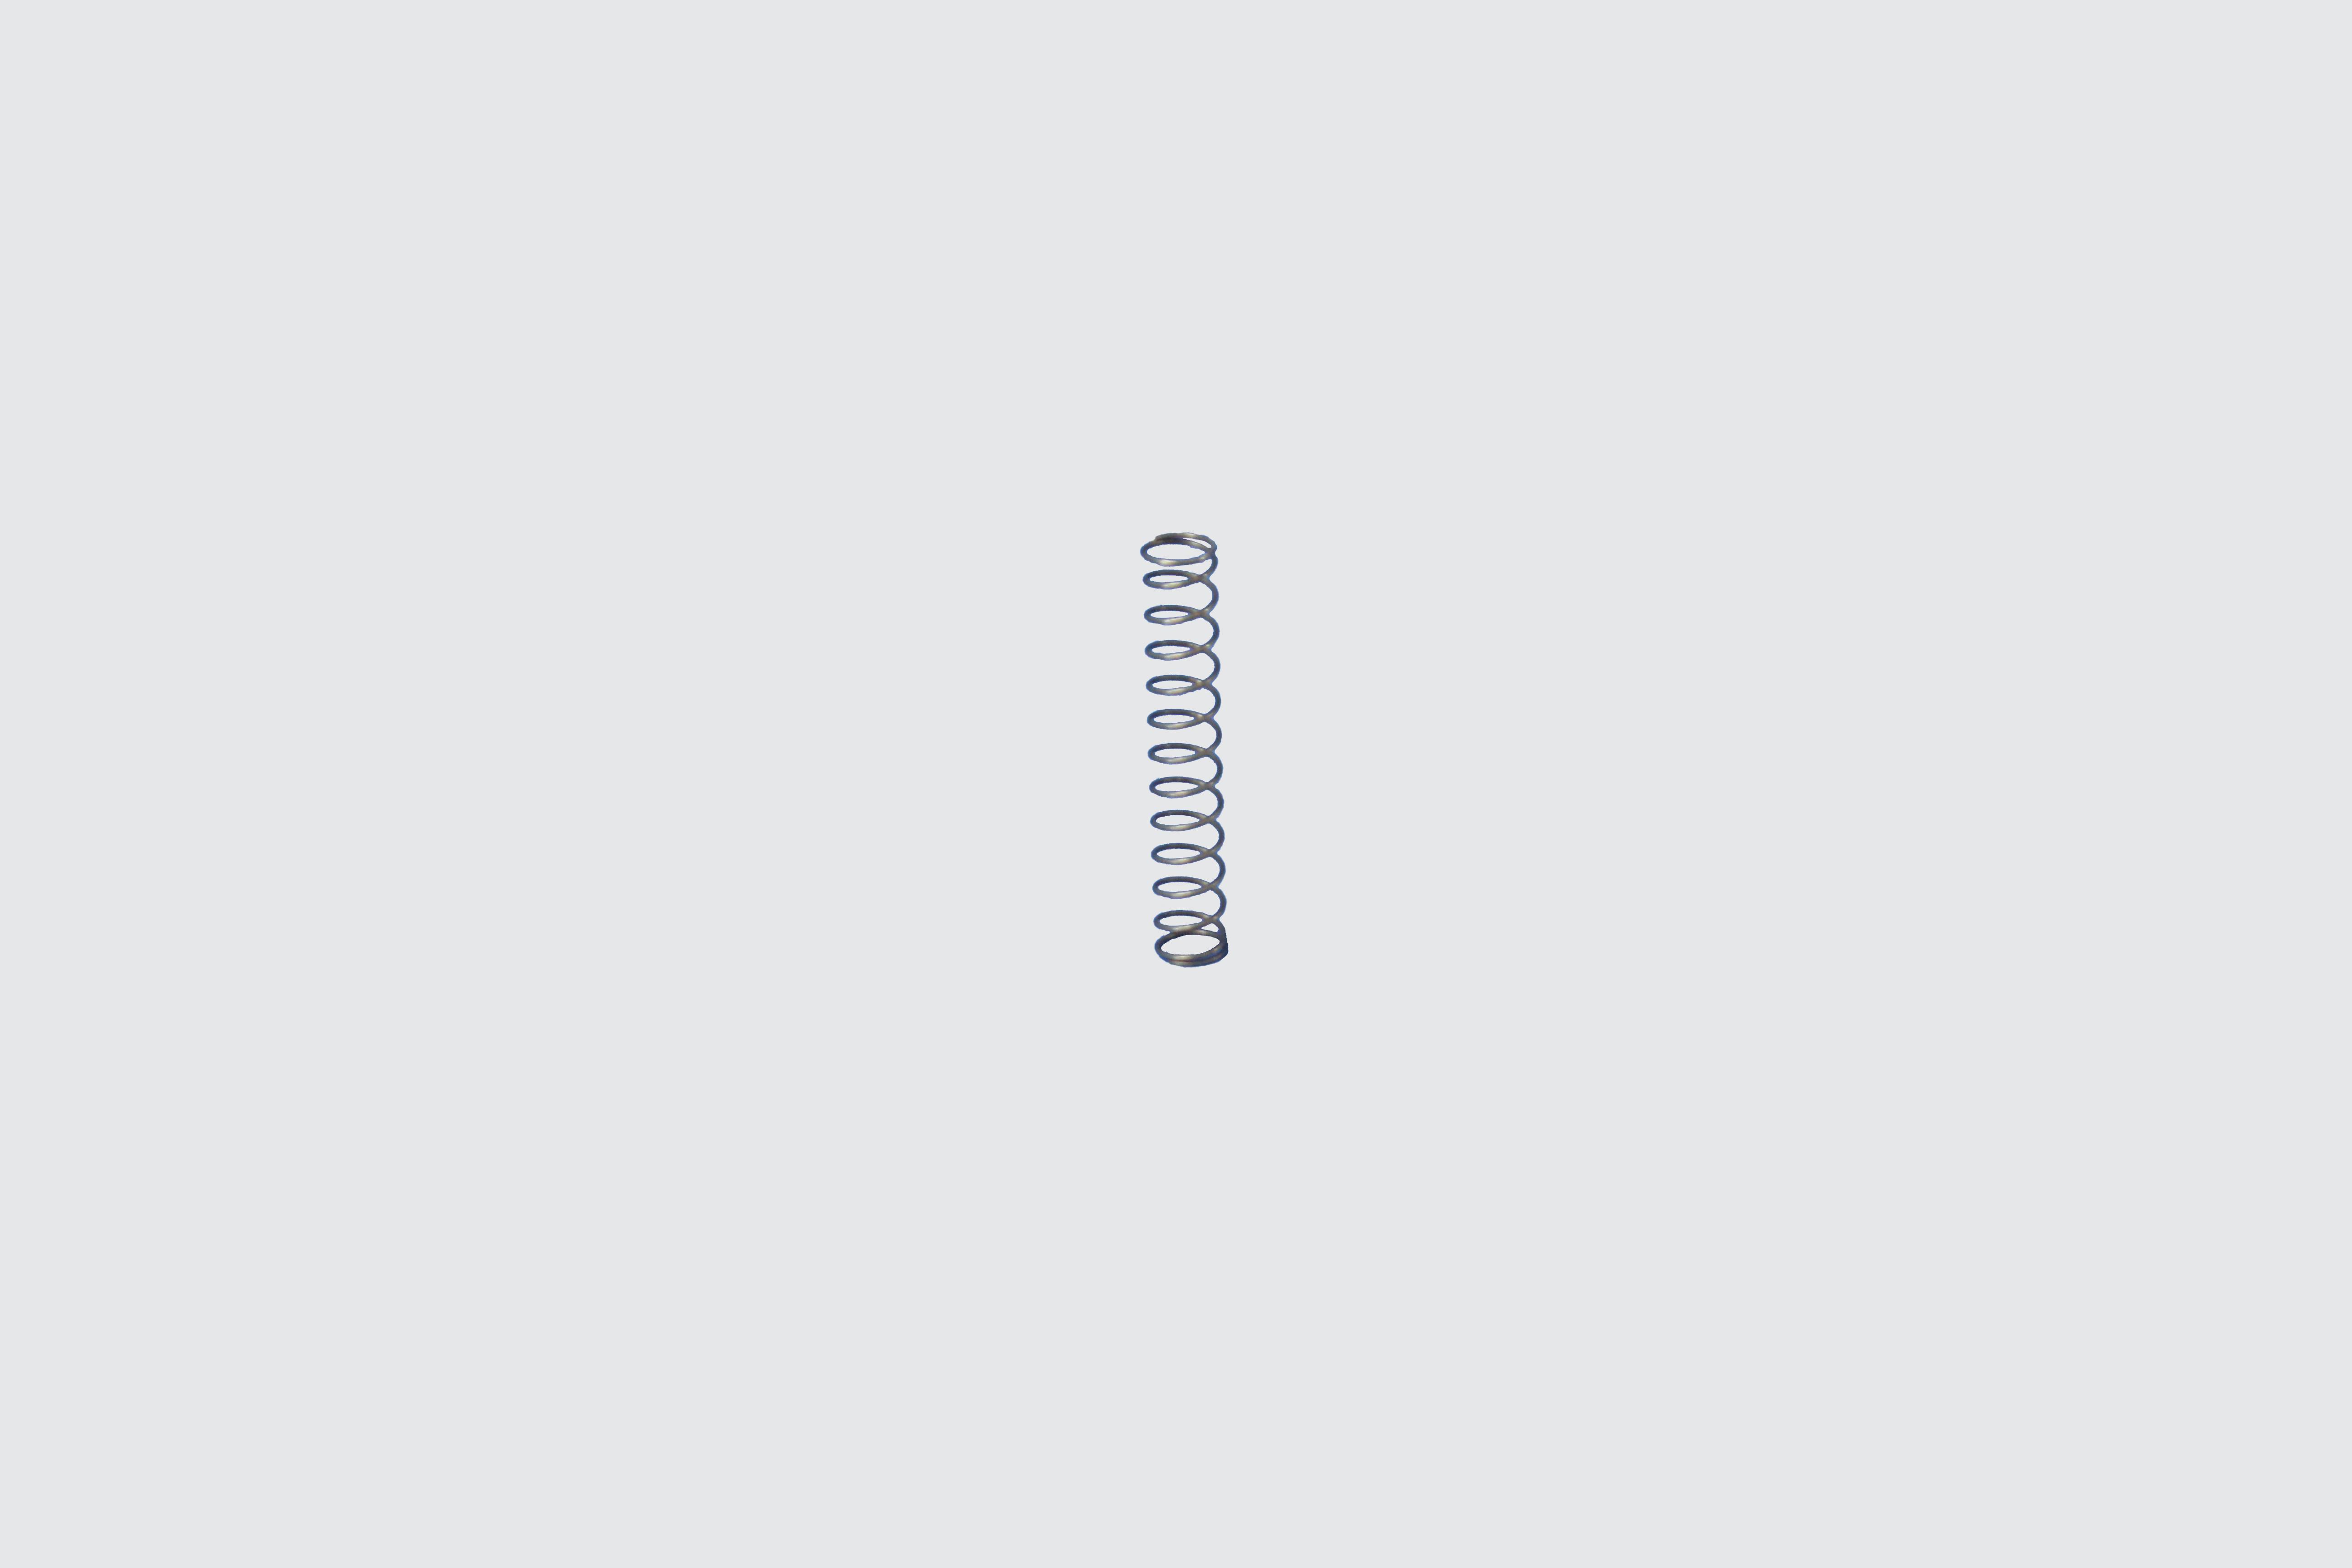 35321603-SPRING, COMPRESSOR